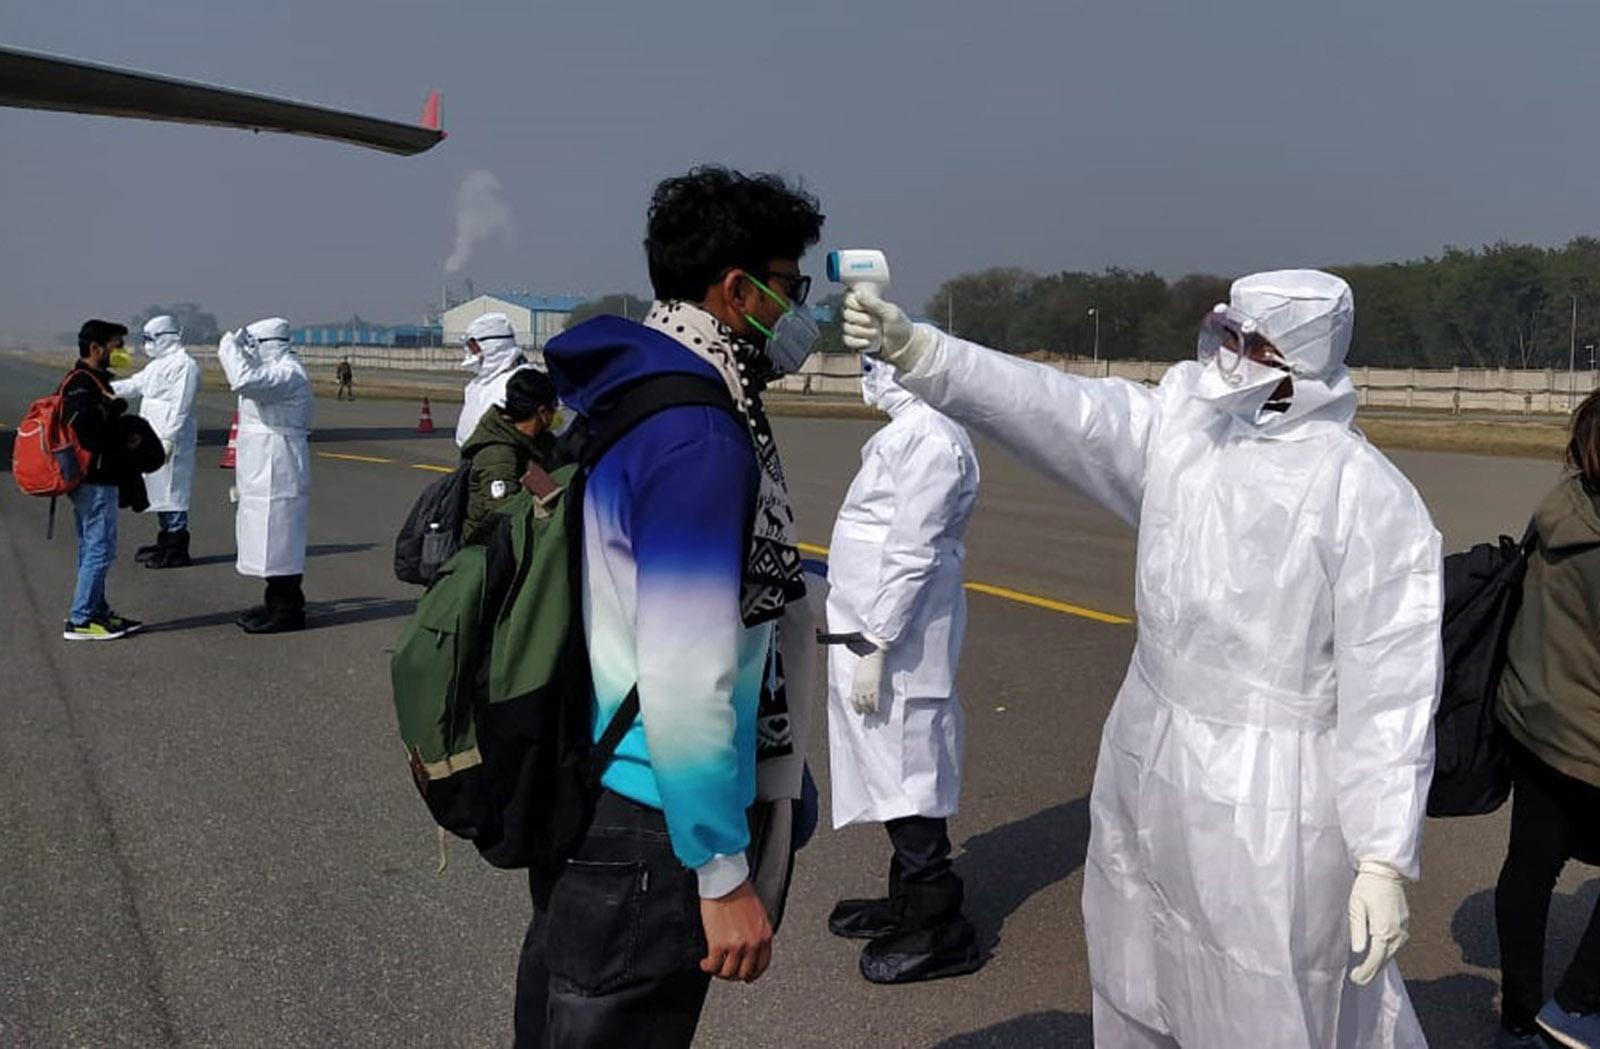 Indian passengers being screened for coronavirus at New Delhi airport